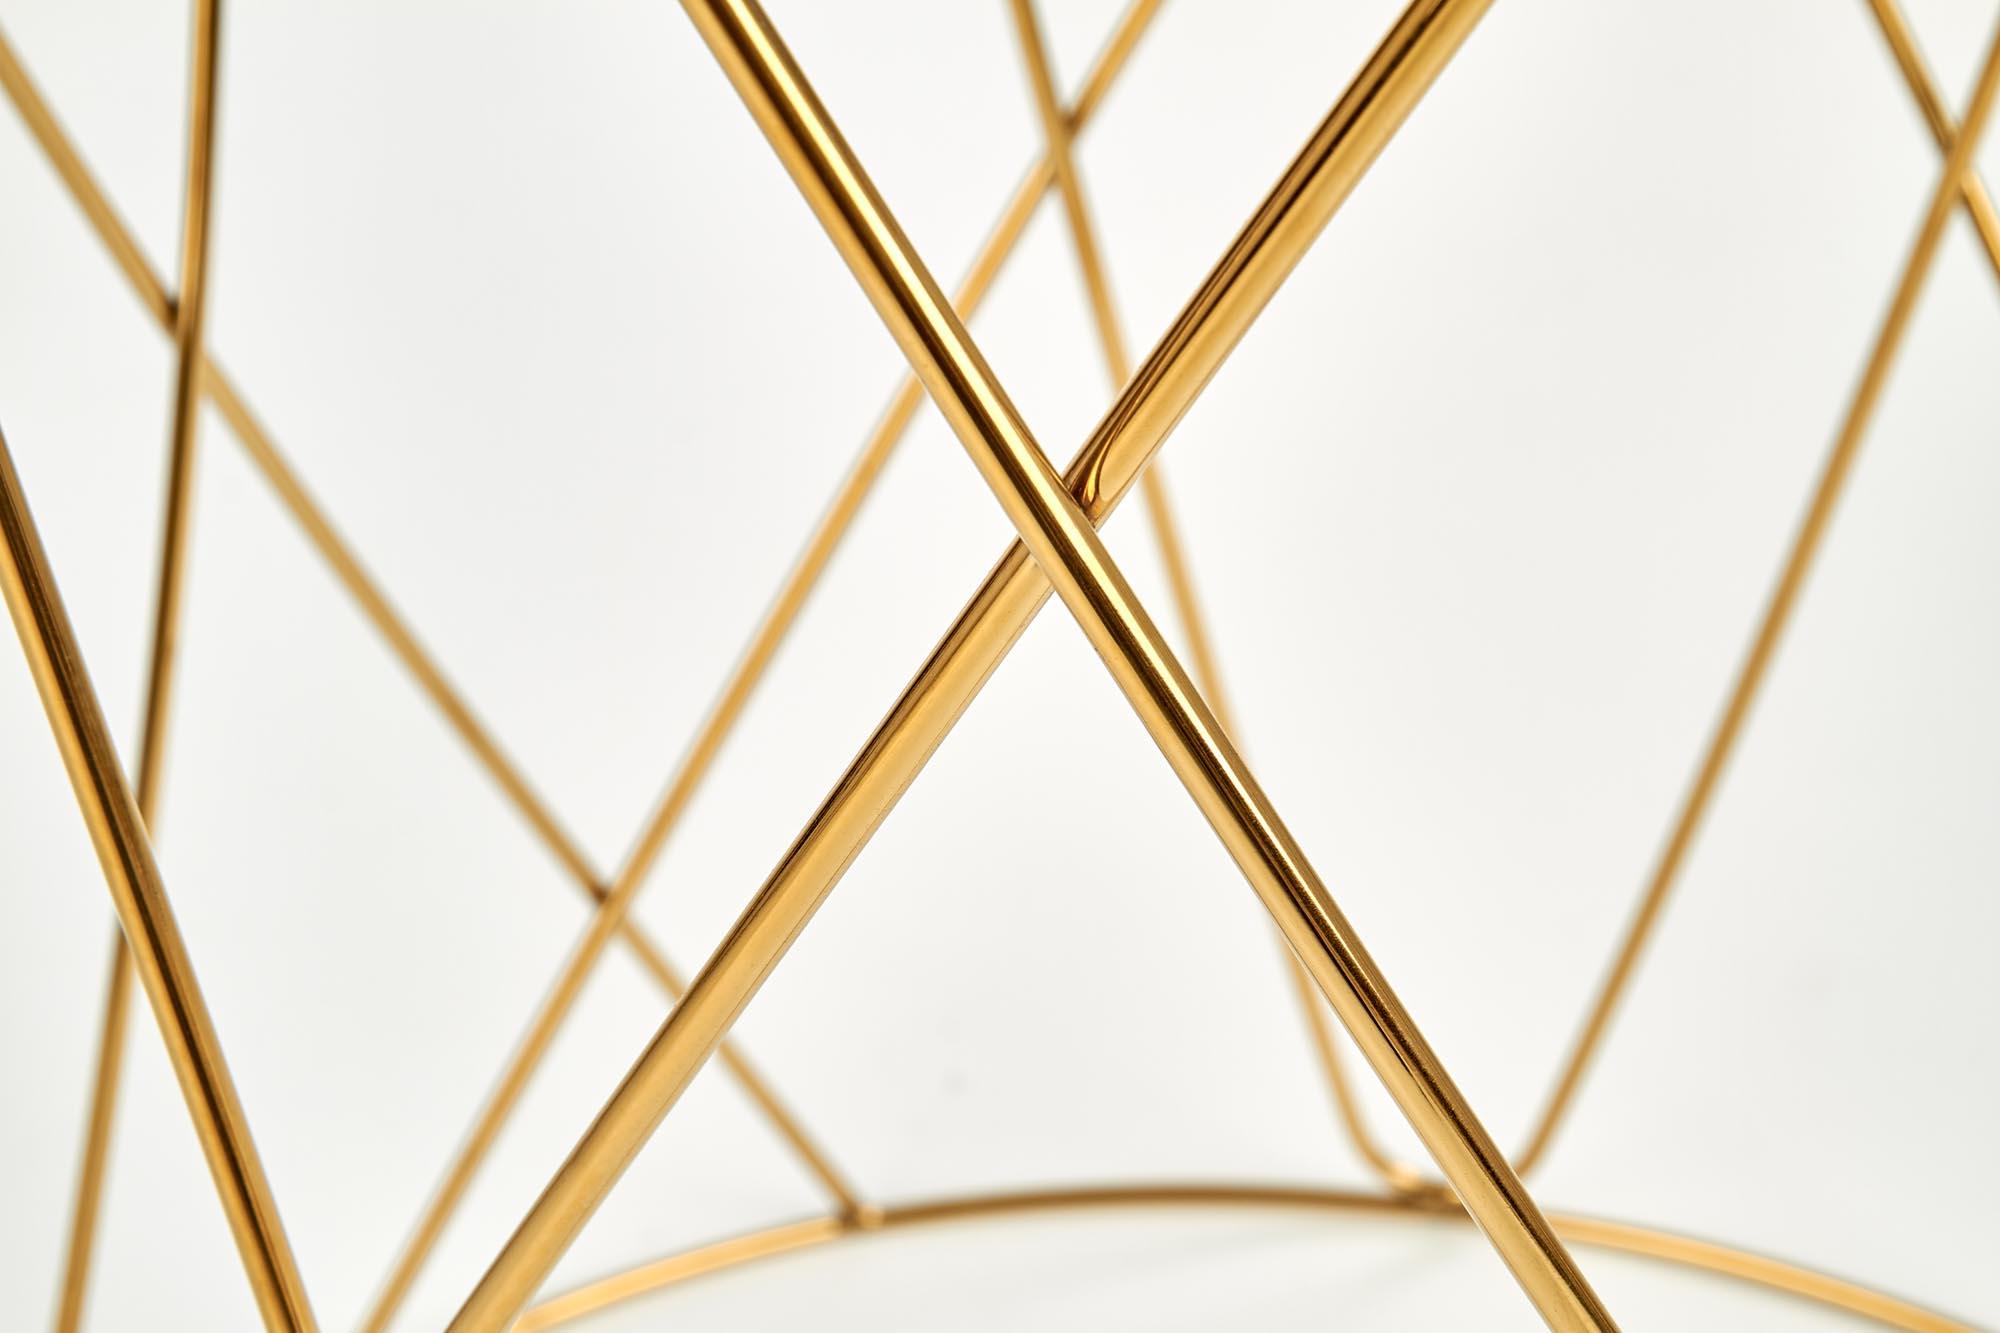 SELENA ława, stelaż - złoty, szkło - dymiony (1p=1szt)